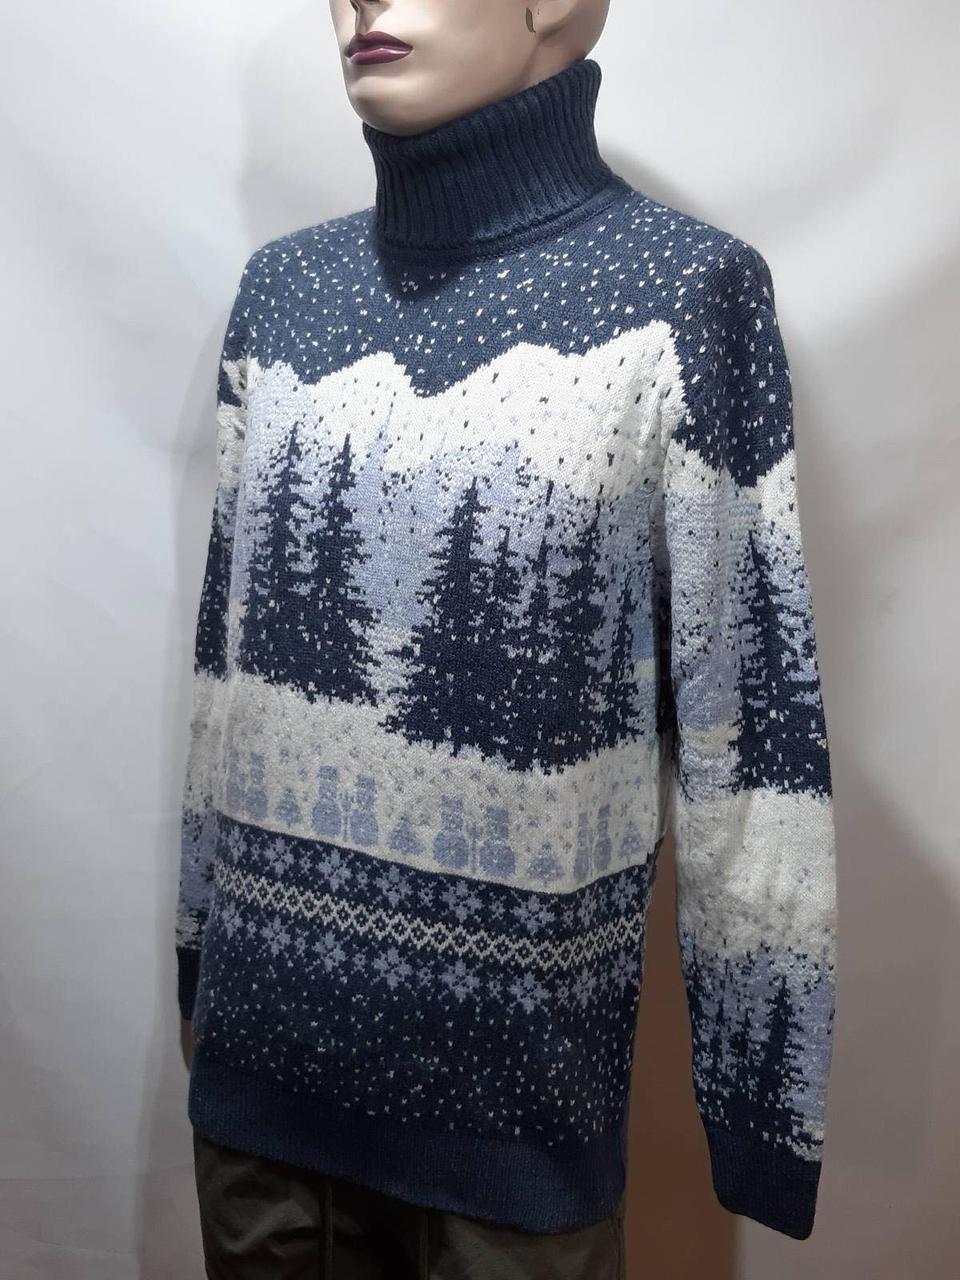 Мужской теплый шерстяной свитер под горло с новогодним орнаментом Турция Темно-синий